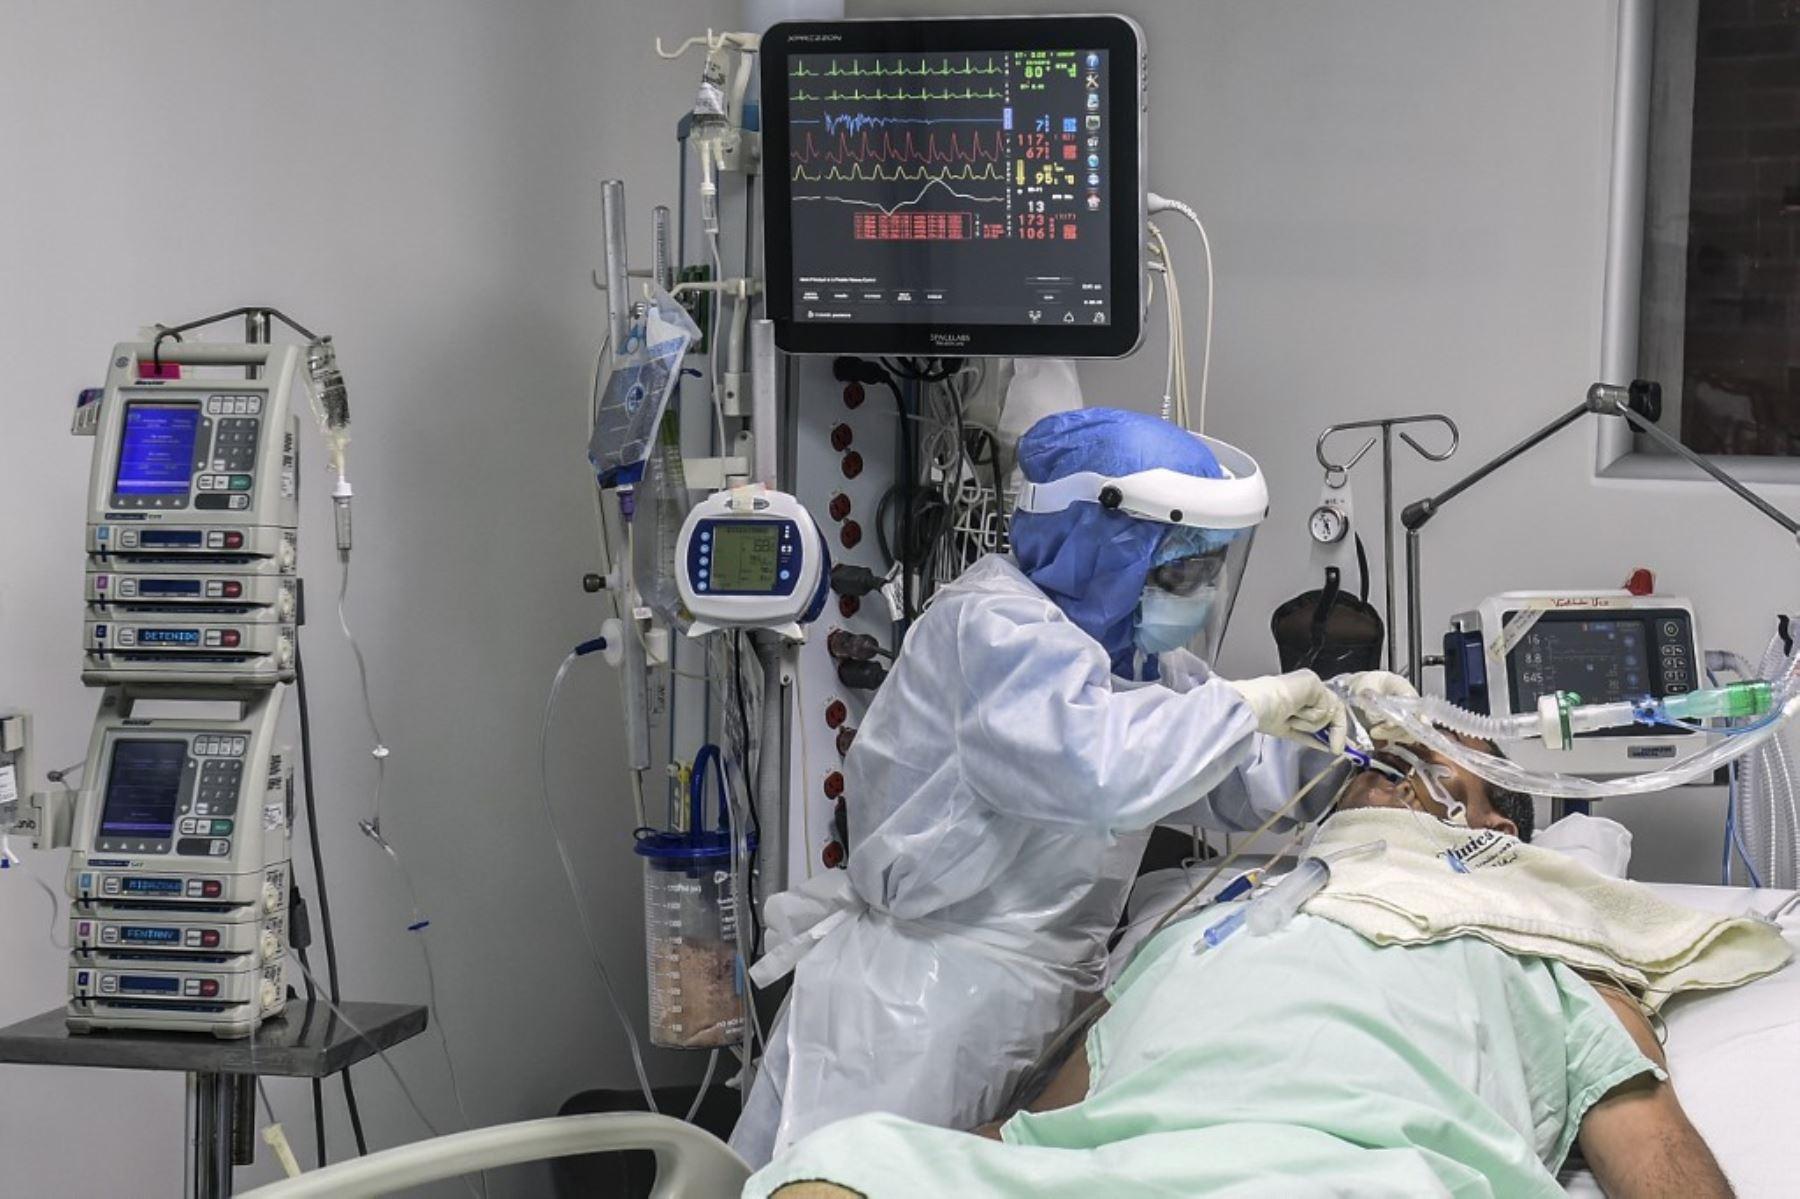 Una enfermera atiende a un paciente infectado por covid-19 en la Unidad de Cuidados Intensivos de la Clínica CES en Medellín, Colombia.Foto:AFP